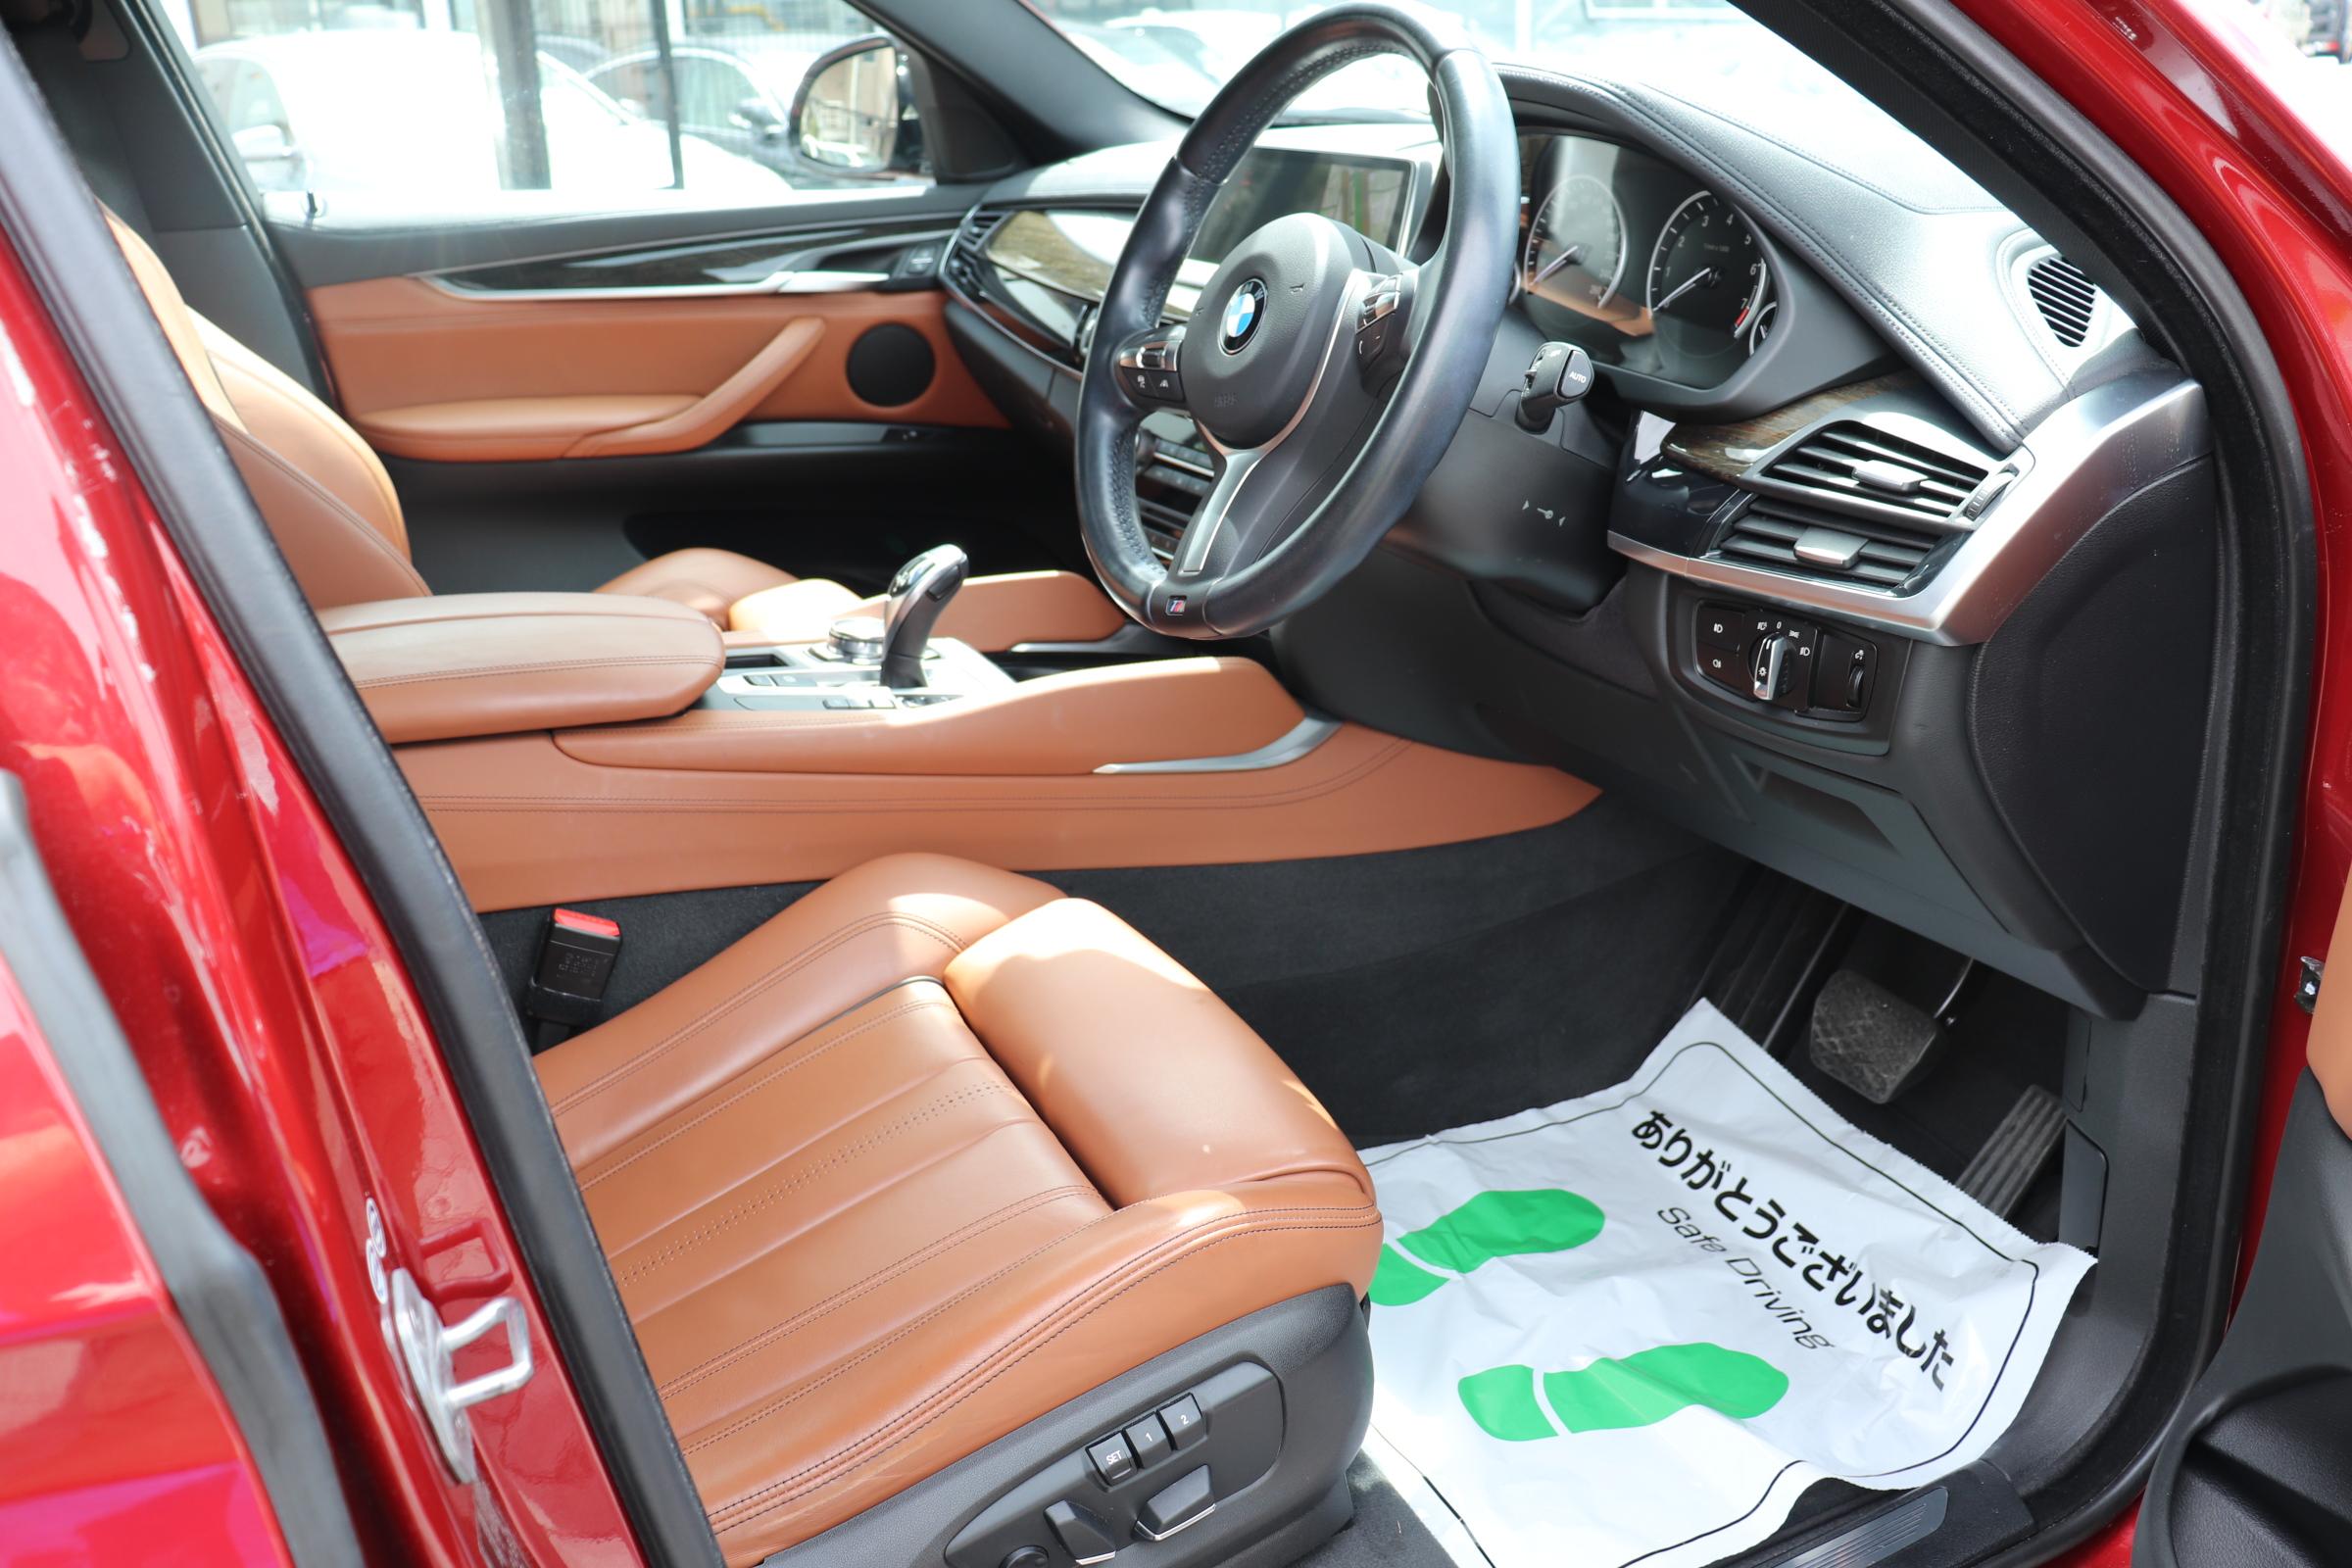 X6 xDrive 35i Mスポーツ セレクトパッケージ ブラウンレザー ACC LEDライト ワンオーナー車両画像11